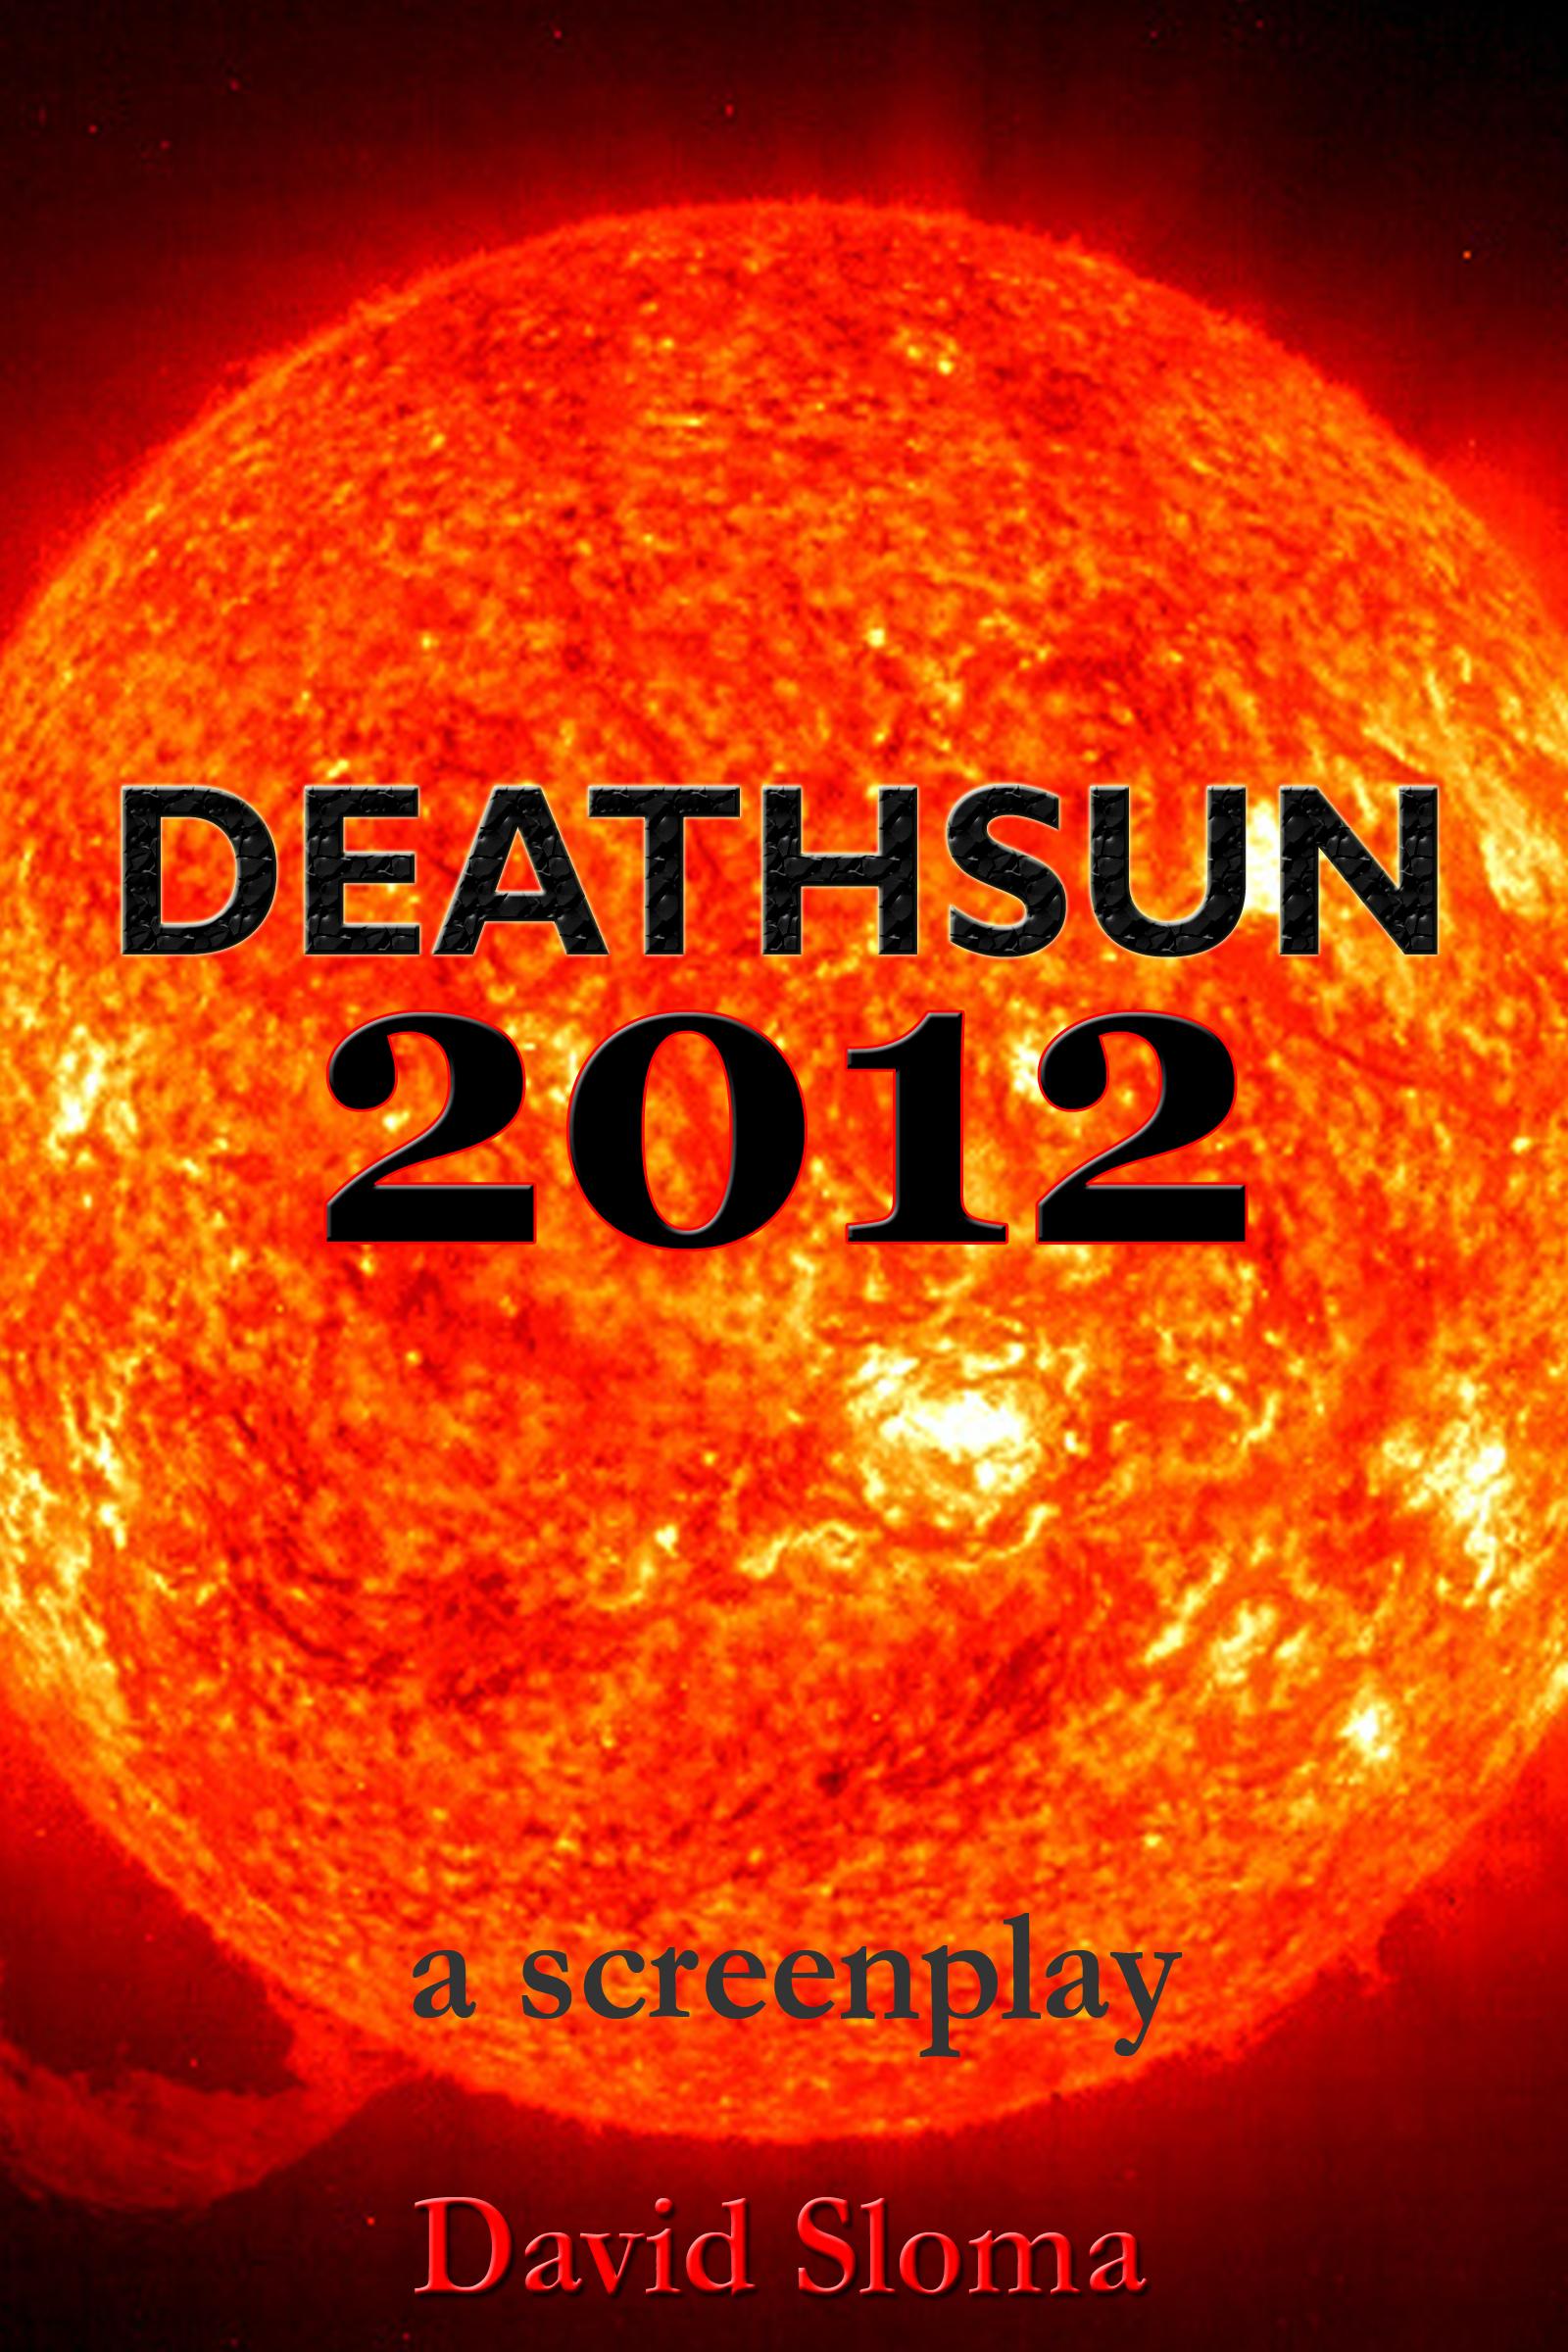 deathsun 2012 screen cover